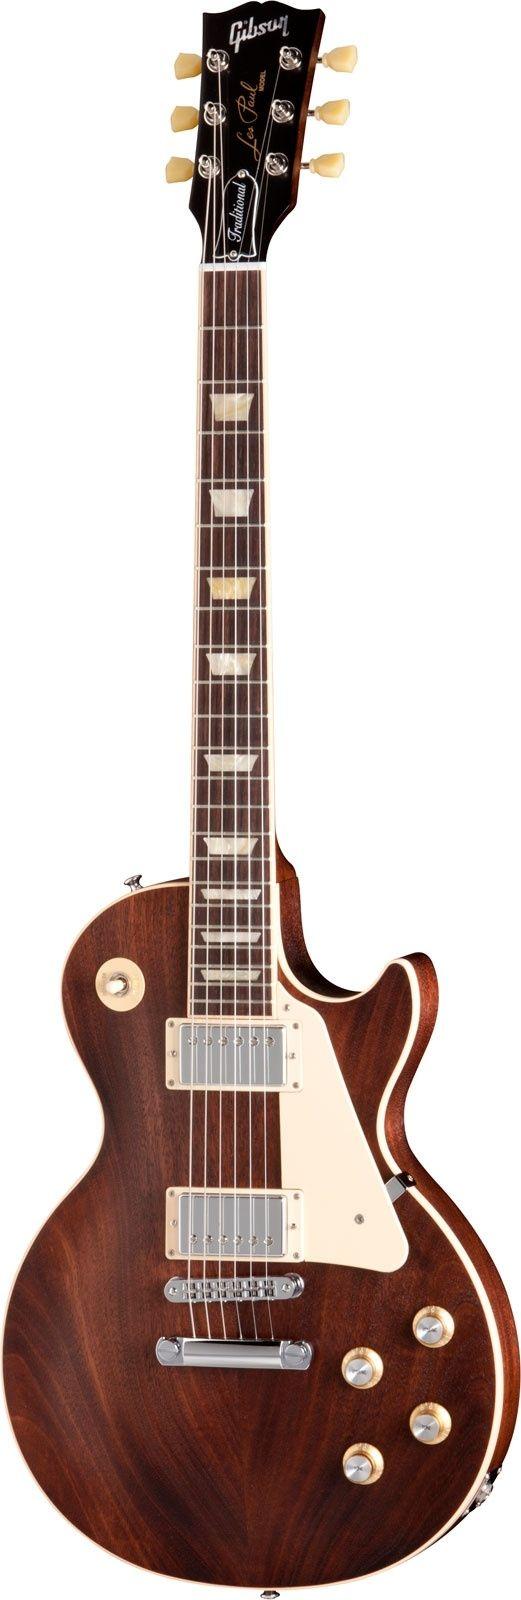 Comprar una Gibson Les Paul